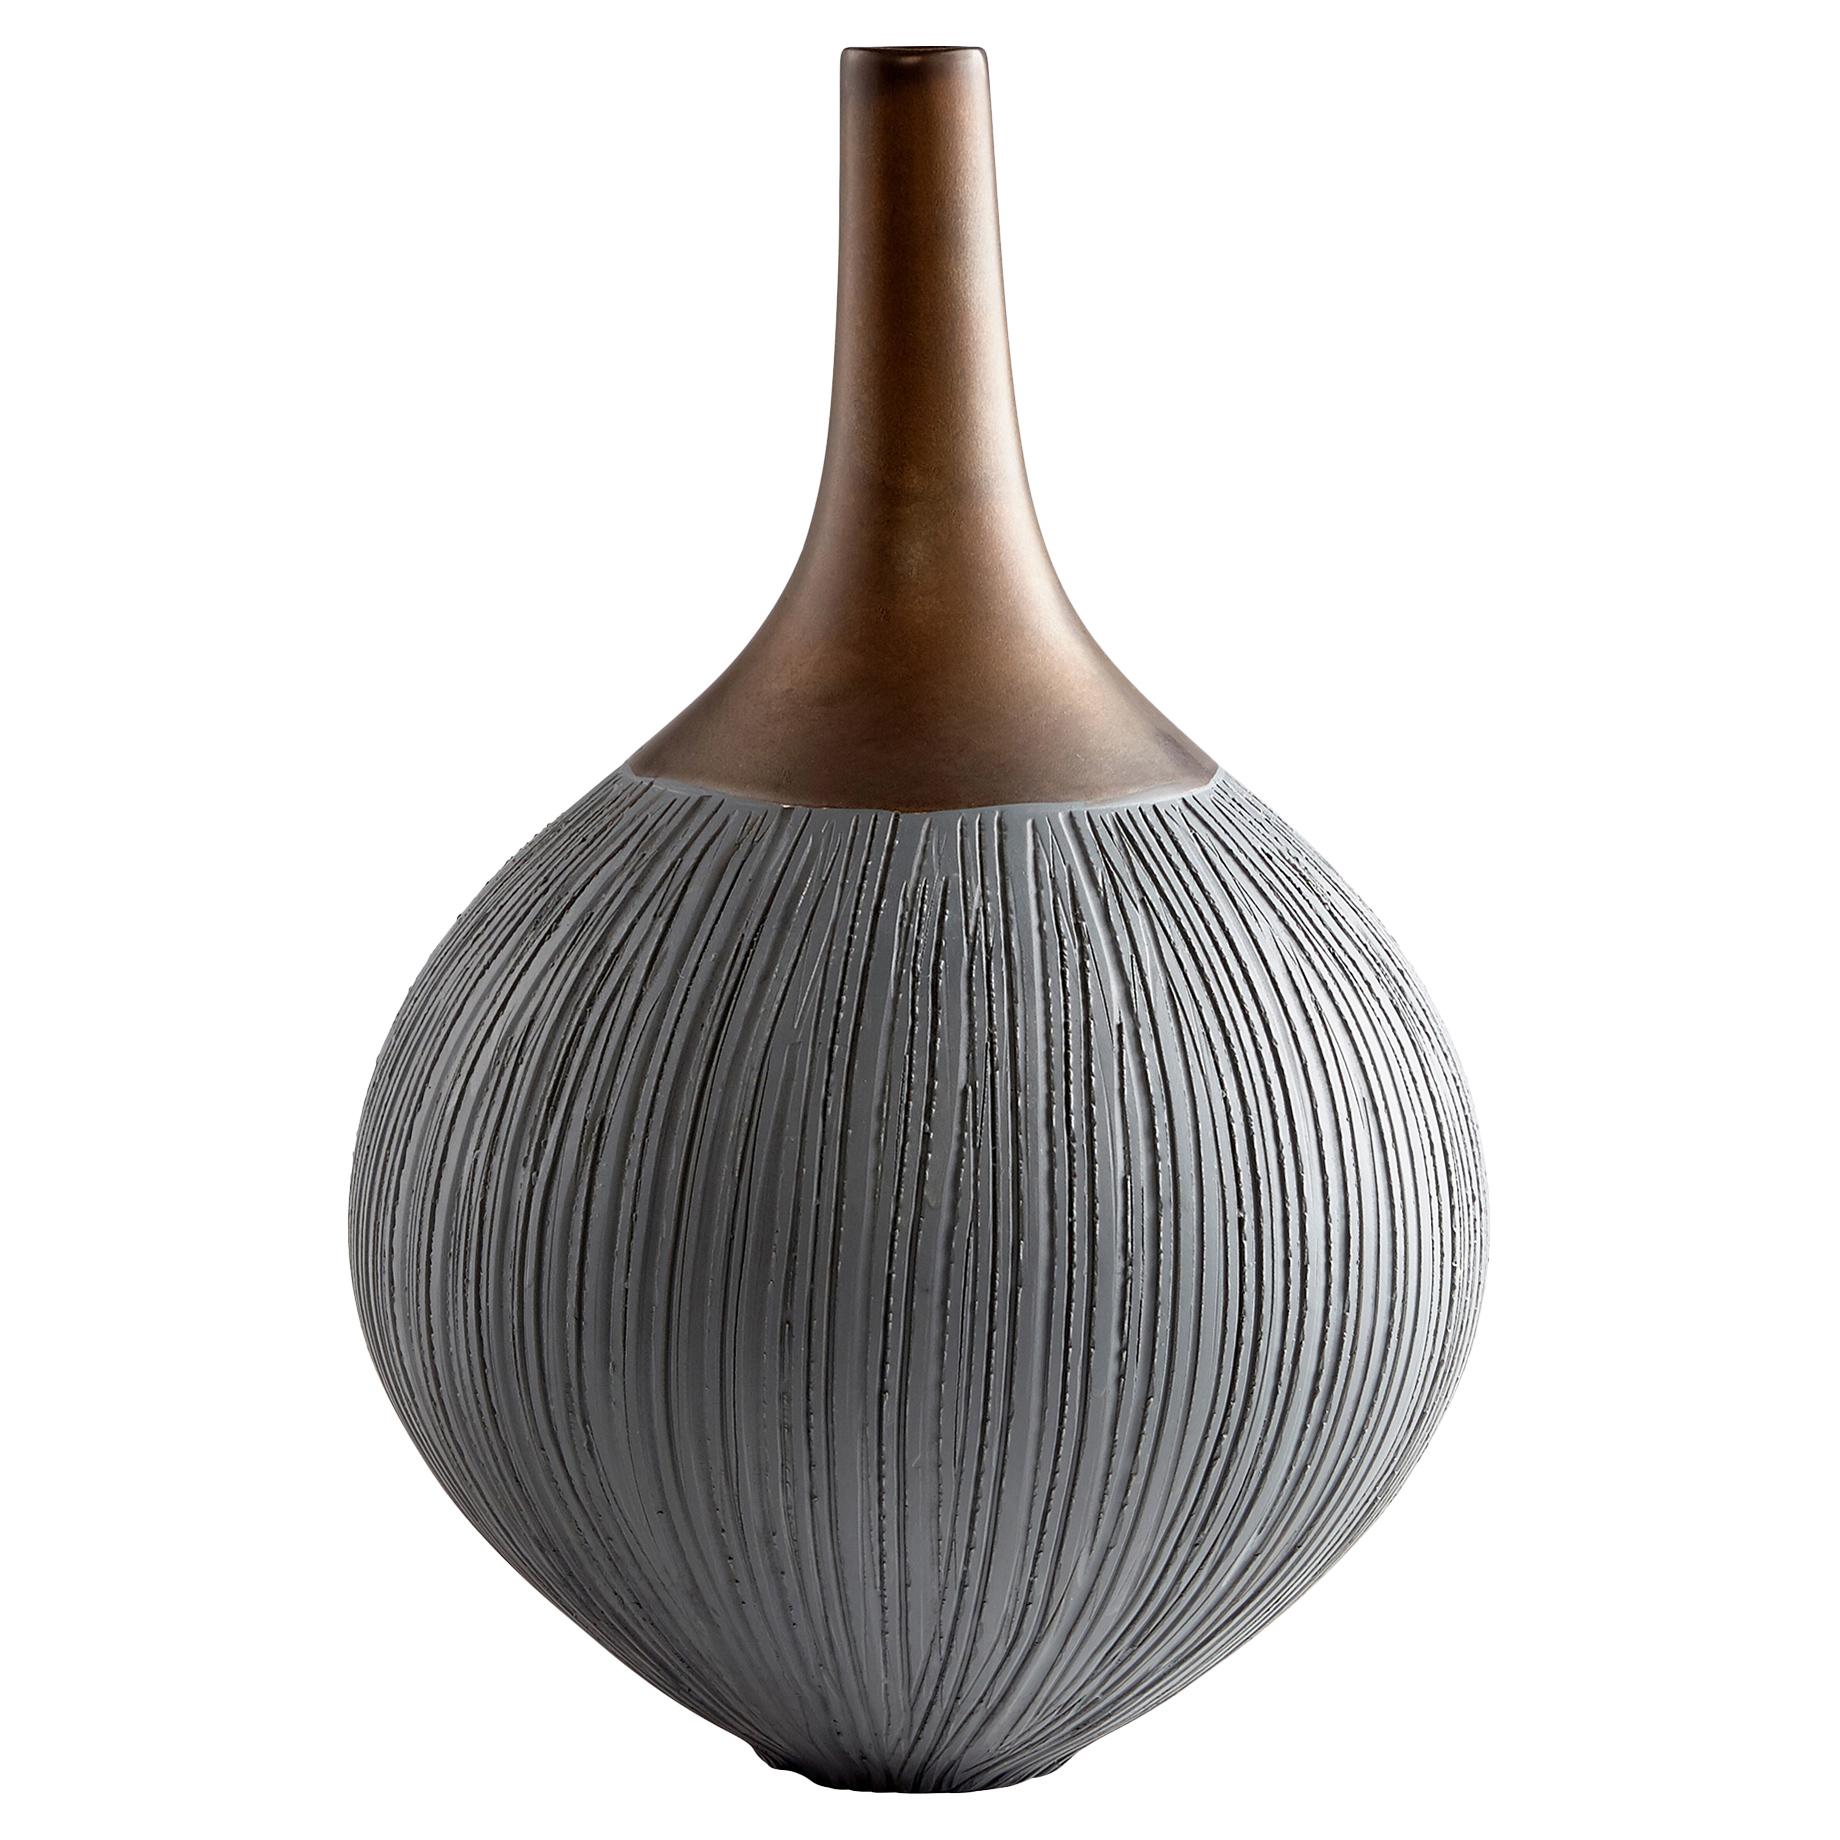 Zoser Global Bazaar Charcoal Grey Bronze Ceramic Vase